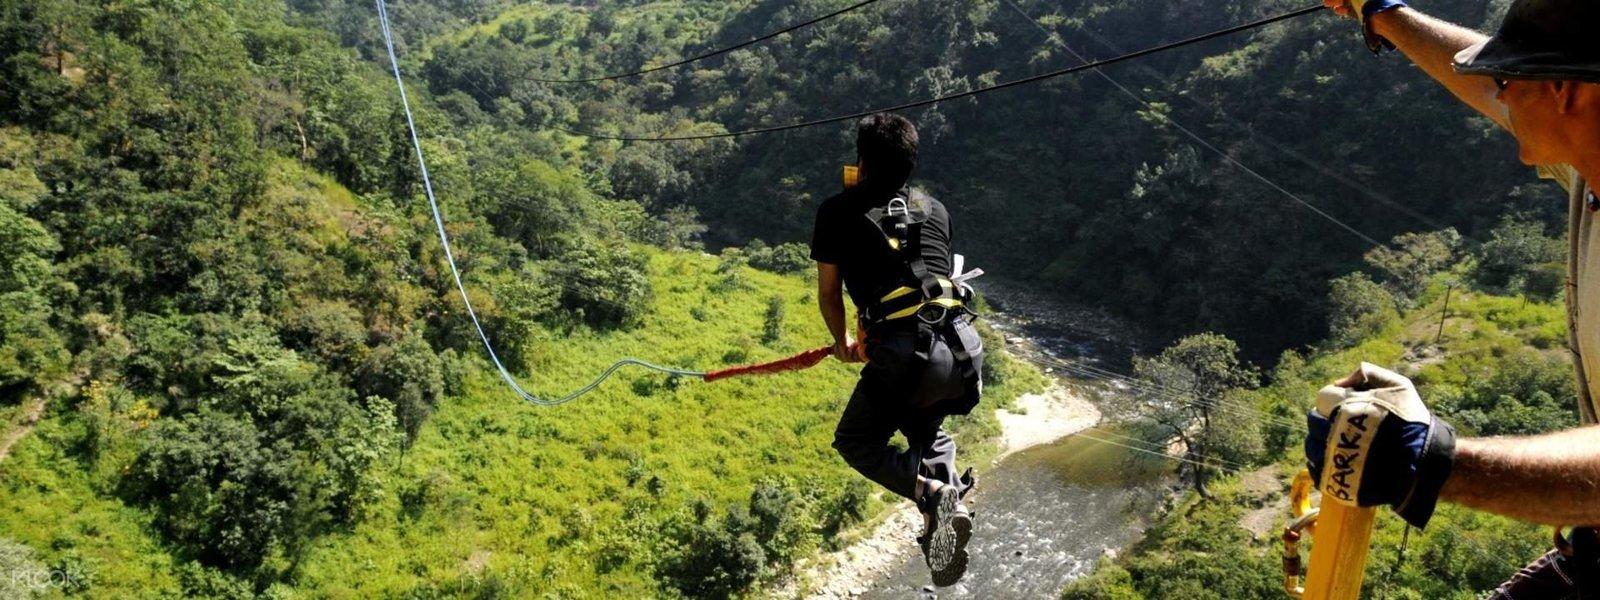 Giant Swing Rishikesh - Tour